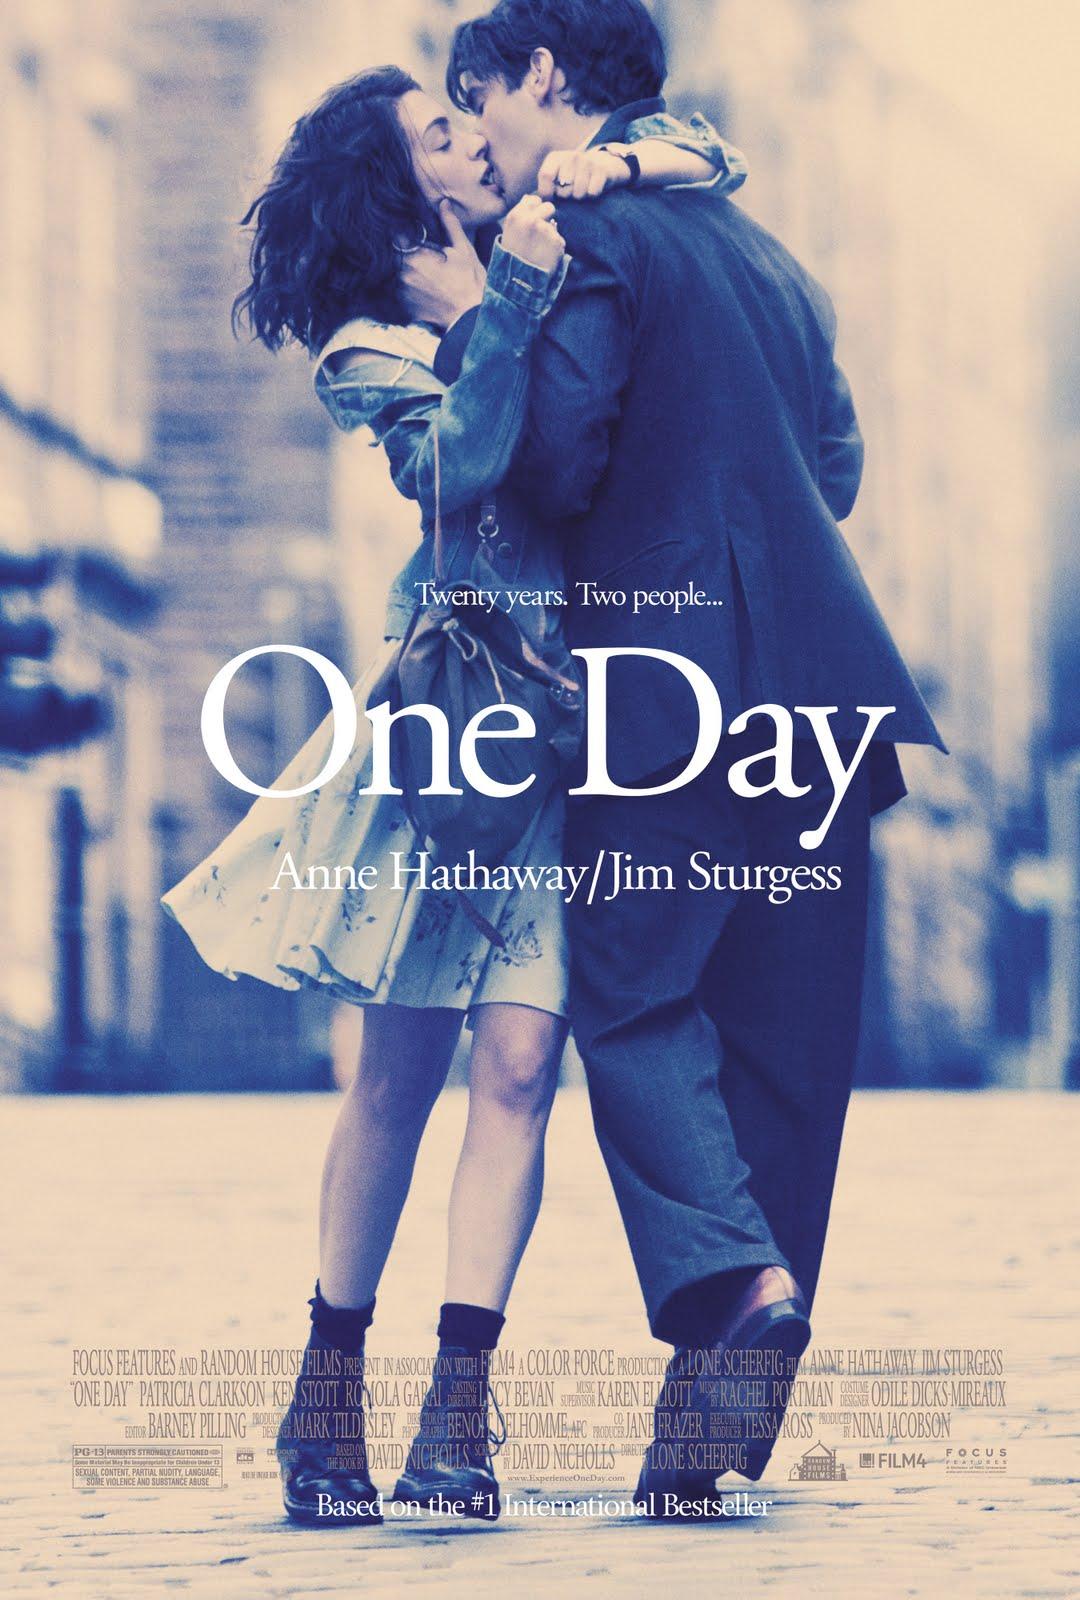 Poster - Um dia (One day) - Divulgação